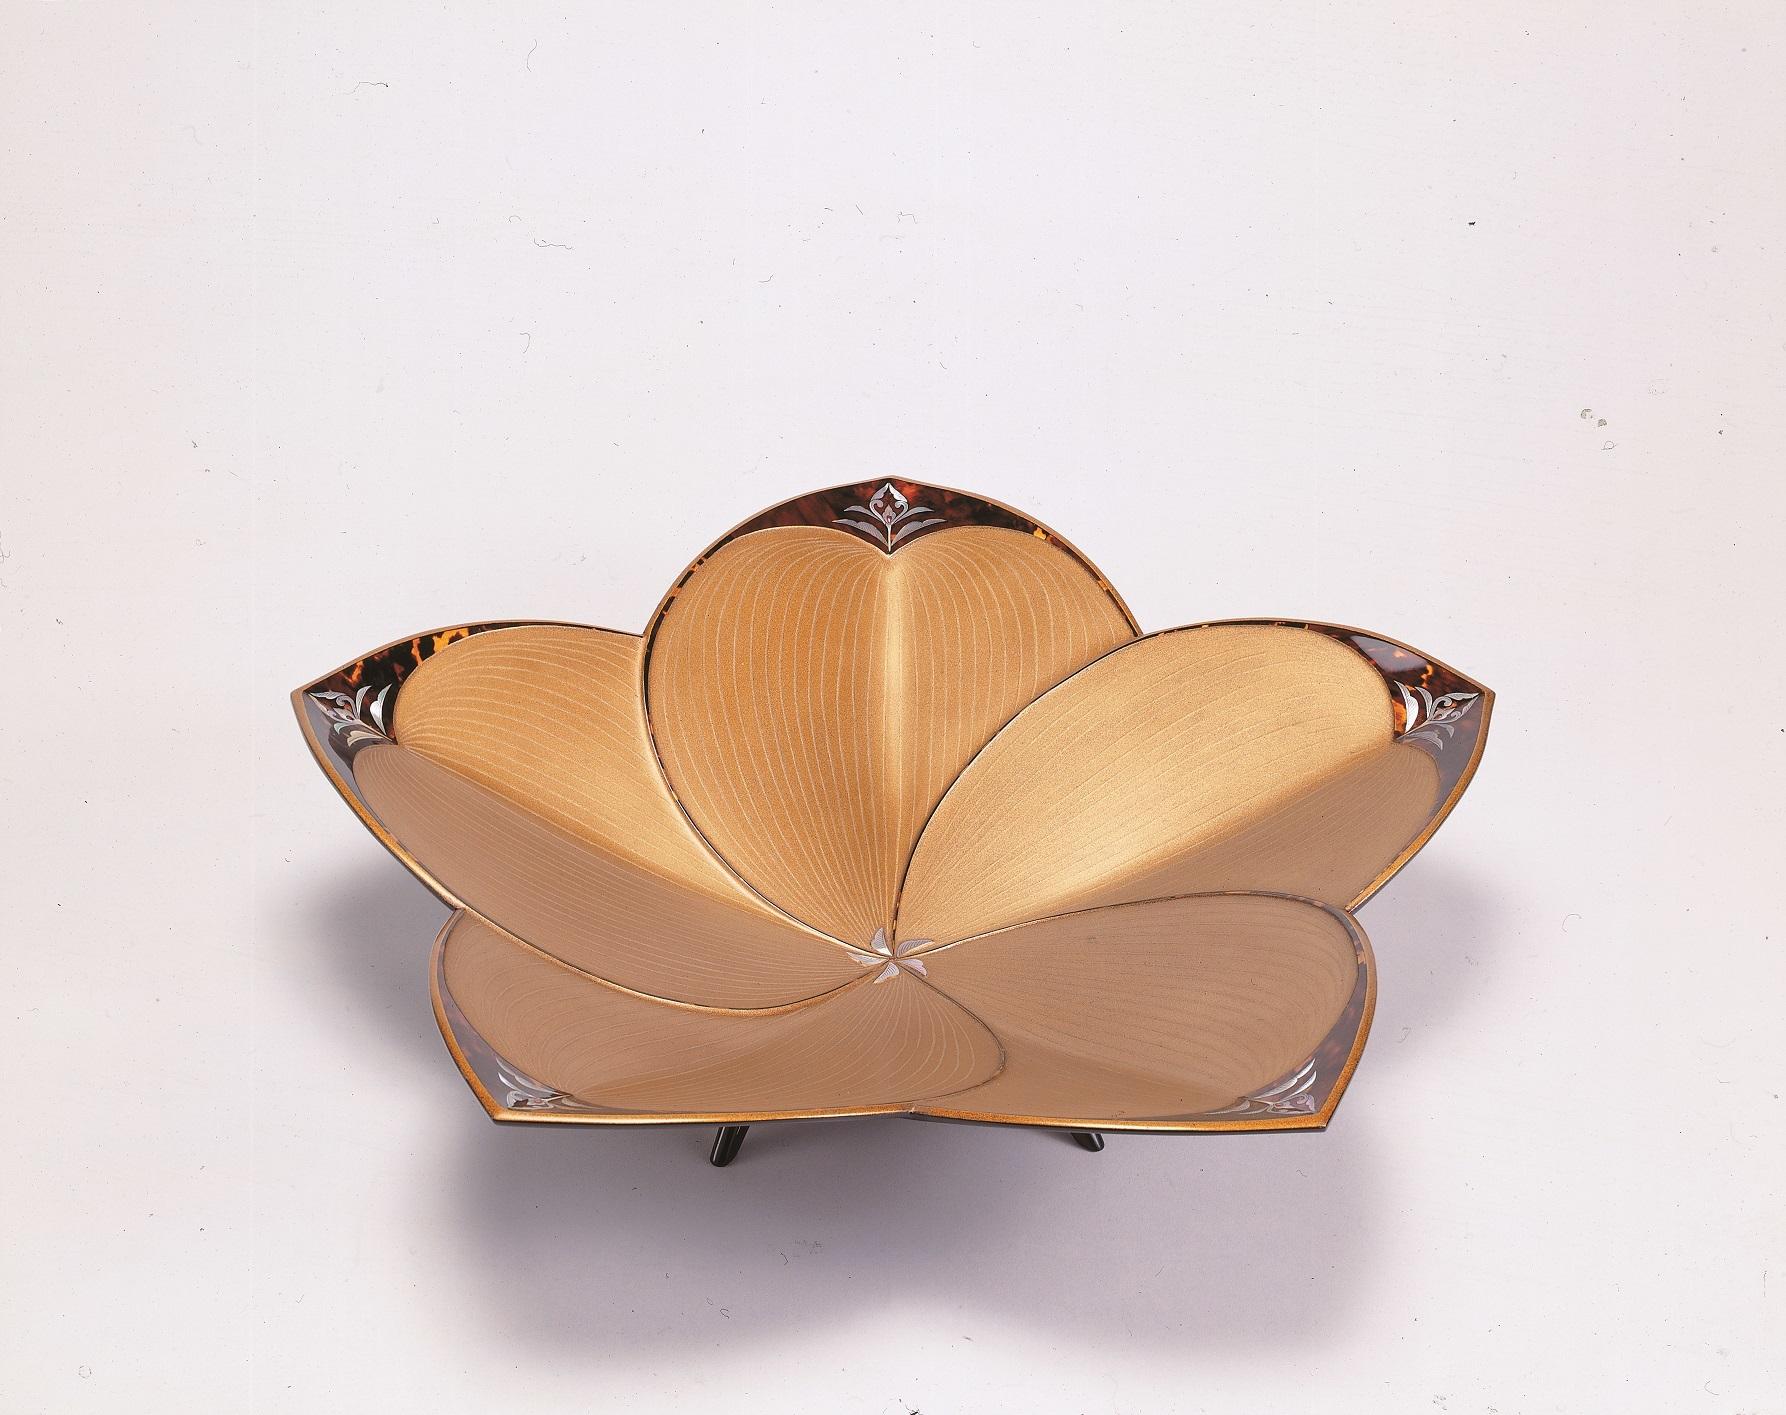 北村昭斎「玳瑁螺鈿花形盤」 平成12(2000)年 奈良県立美術館